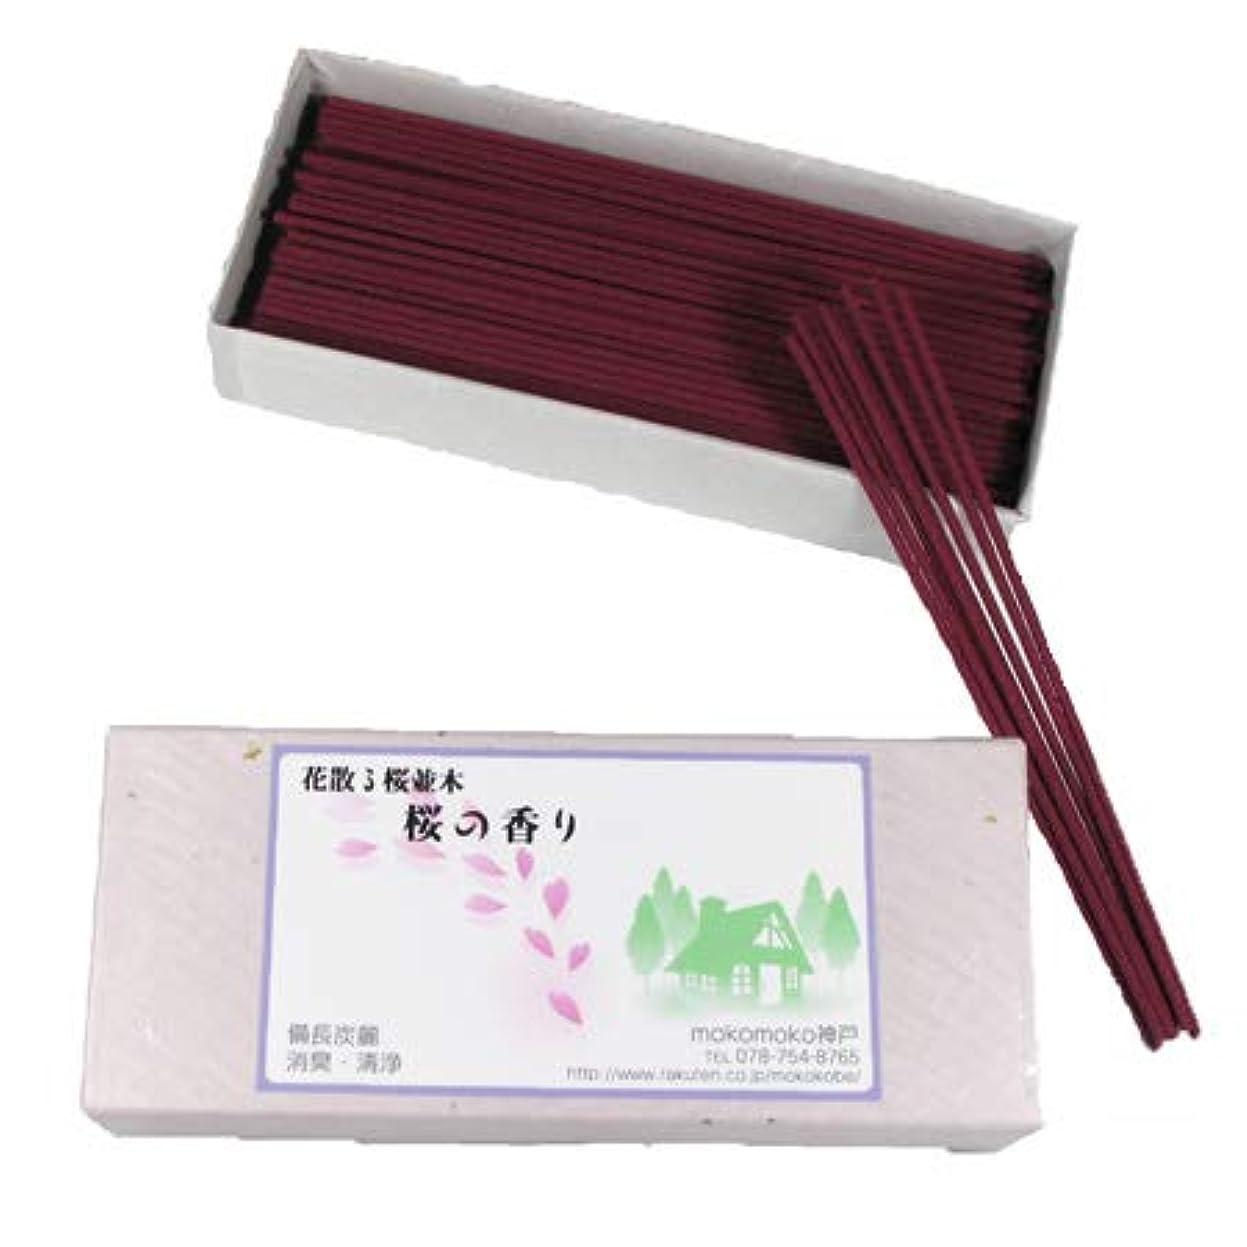 詐欺かるセンチメンタル健康線香「桜の香り」